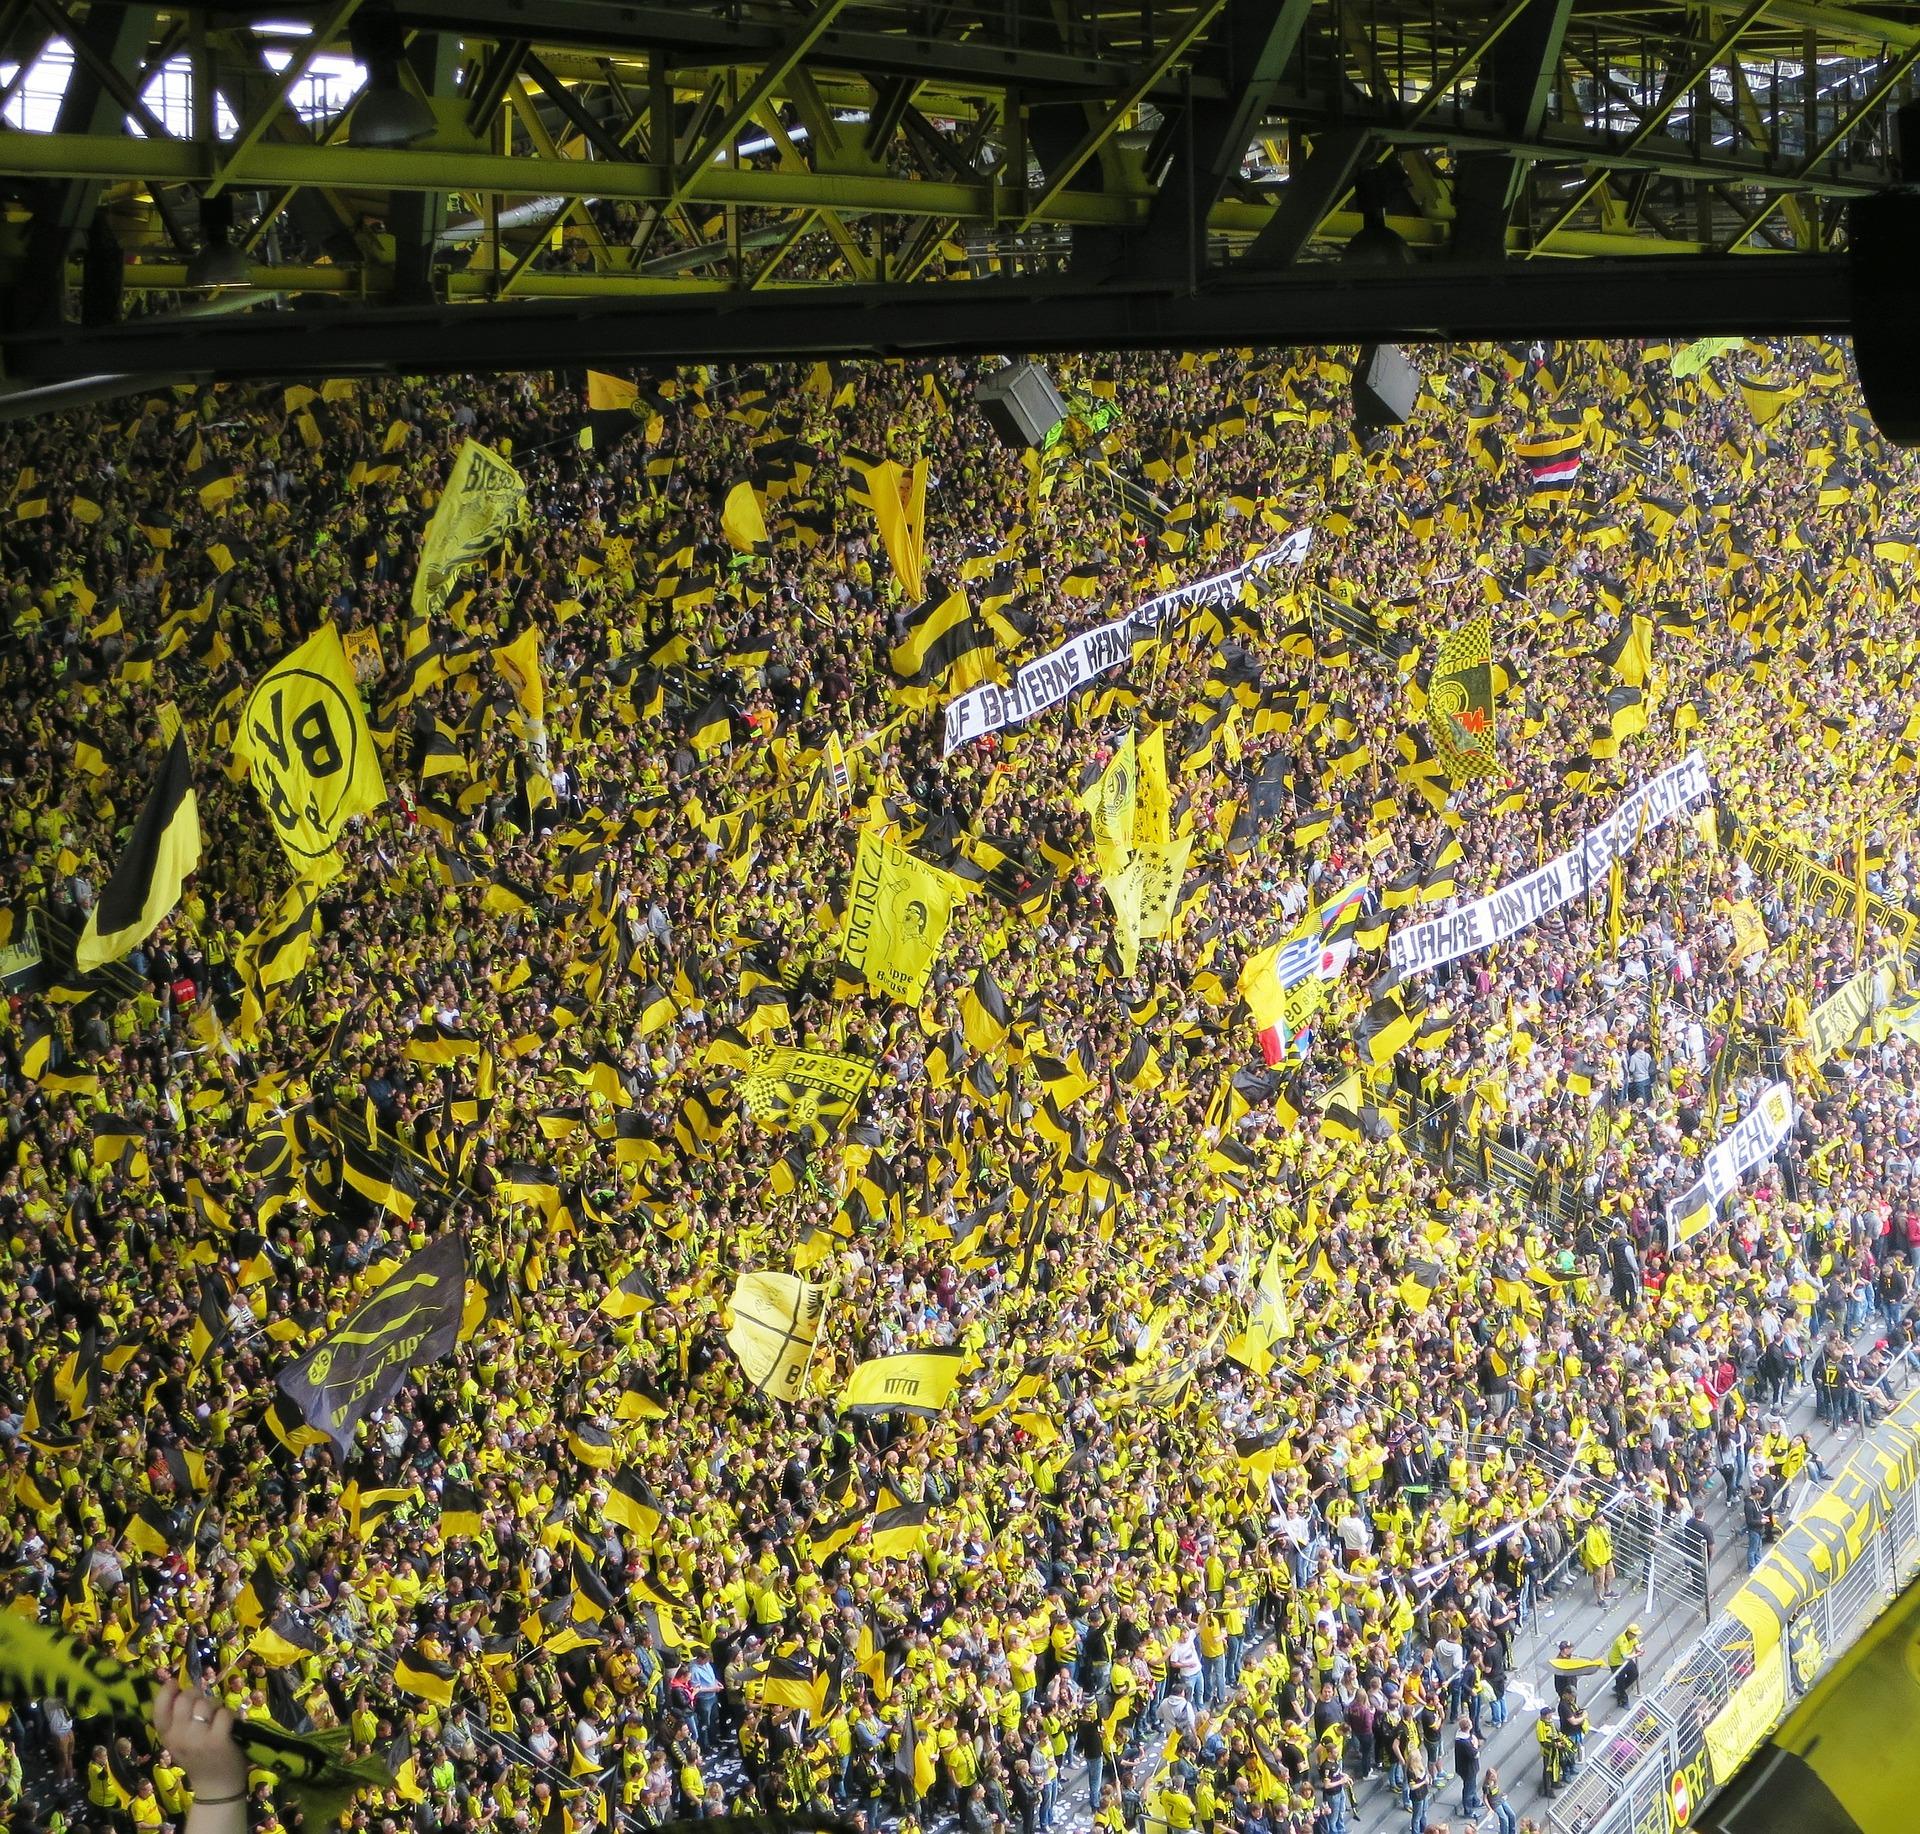 BVB-football-fans-20190401.jpg